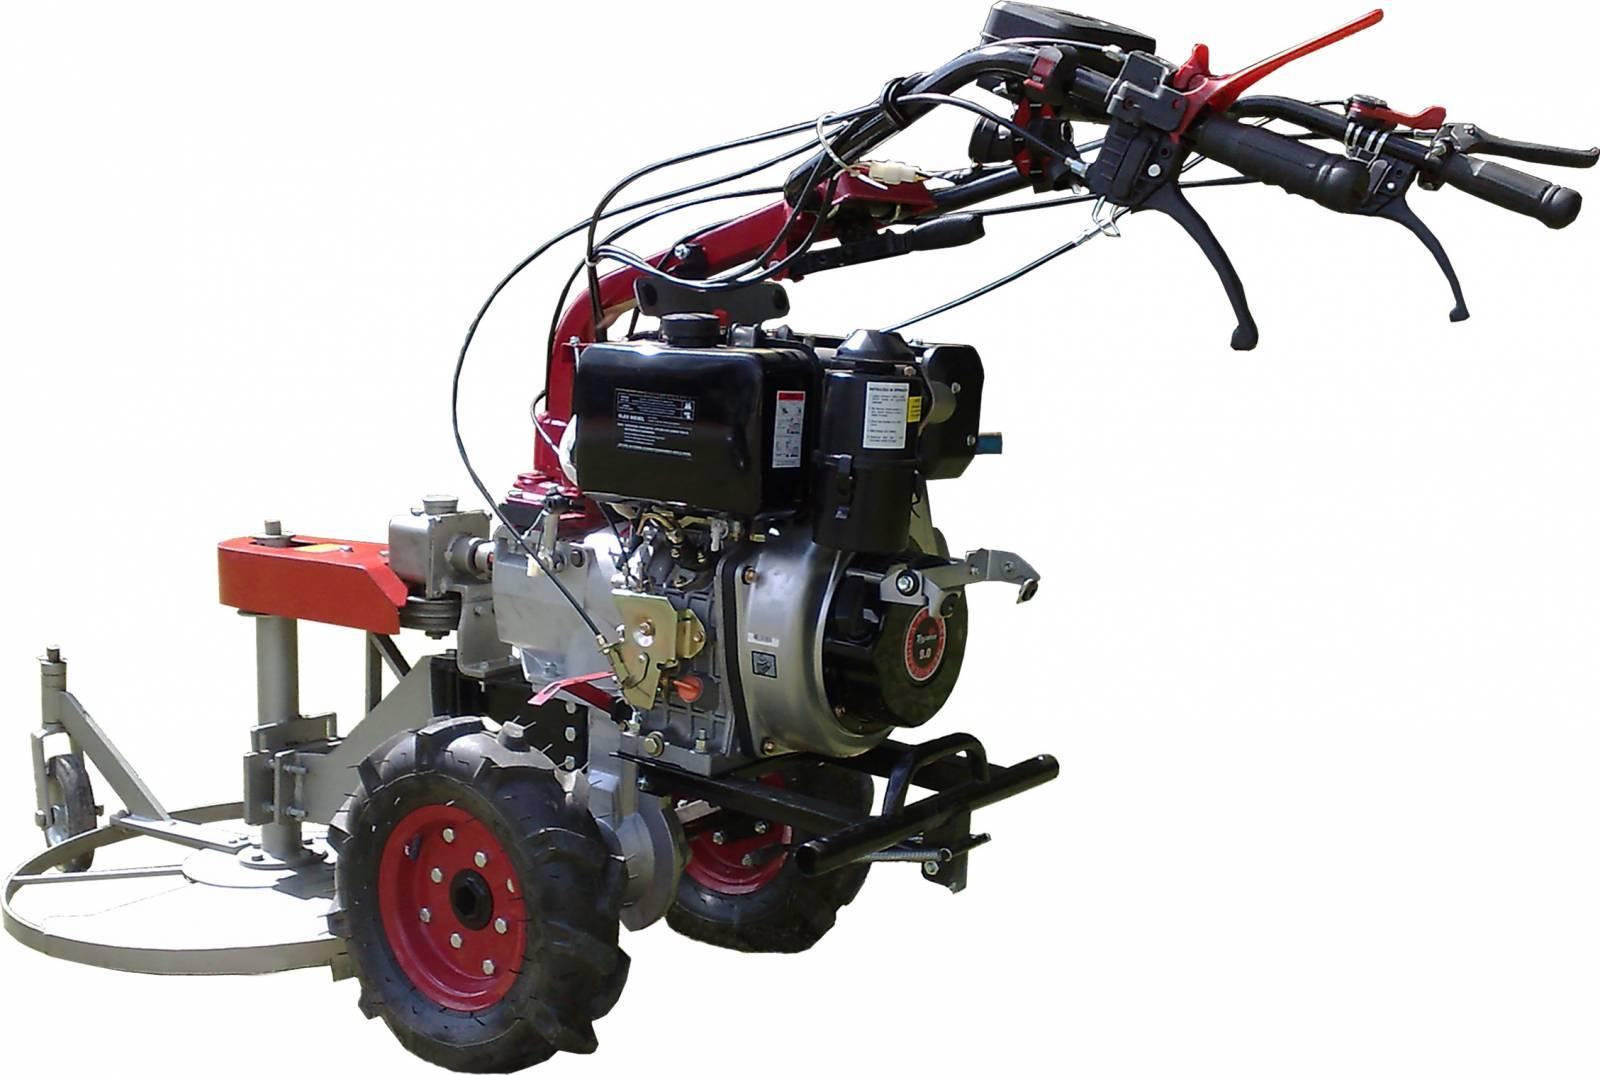 Roçadeira Frontal Maquinafort Motocultivador Para TDT110 - Hs Floresta e Jardim